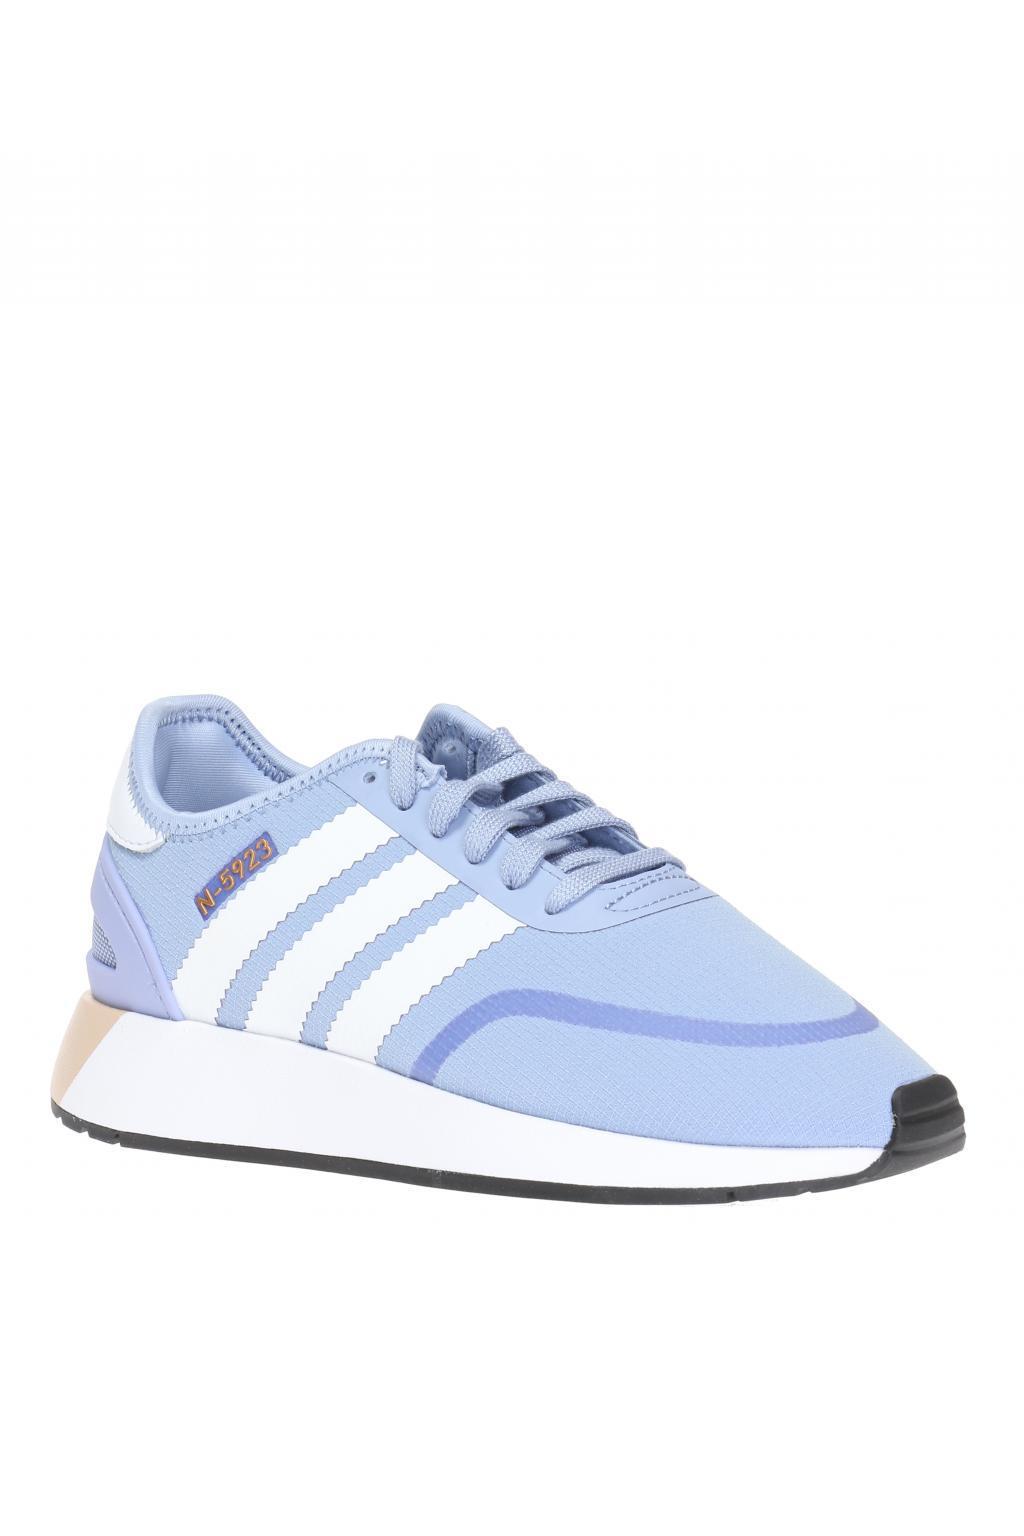 Adidas' N Ginnastica 5923 Le Scarpe Da Ginnastica N In Blu Per Gli Uomini Lyst 5faf8a